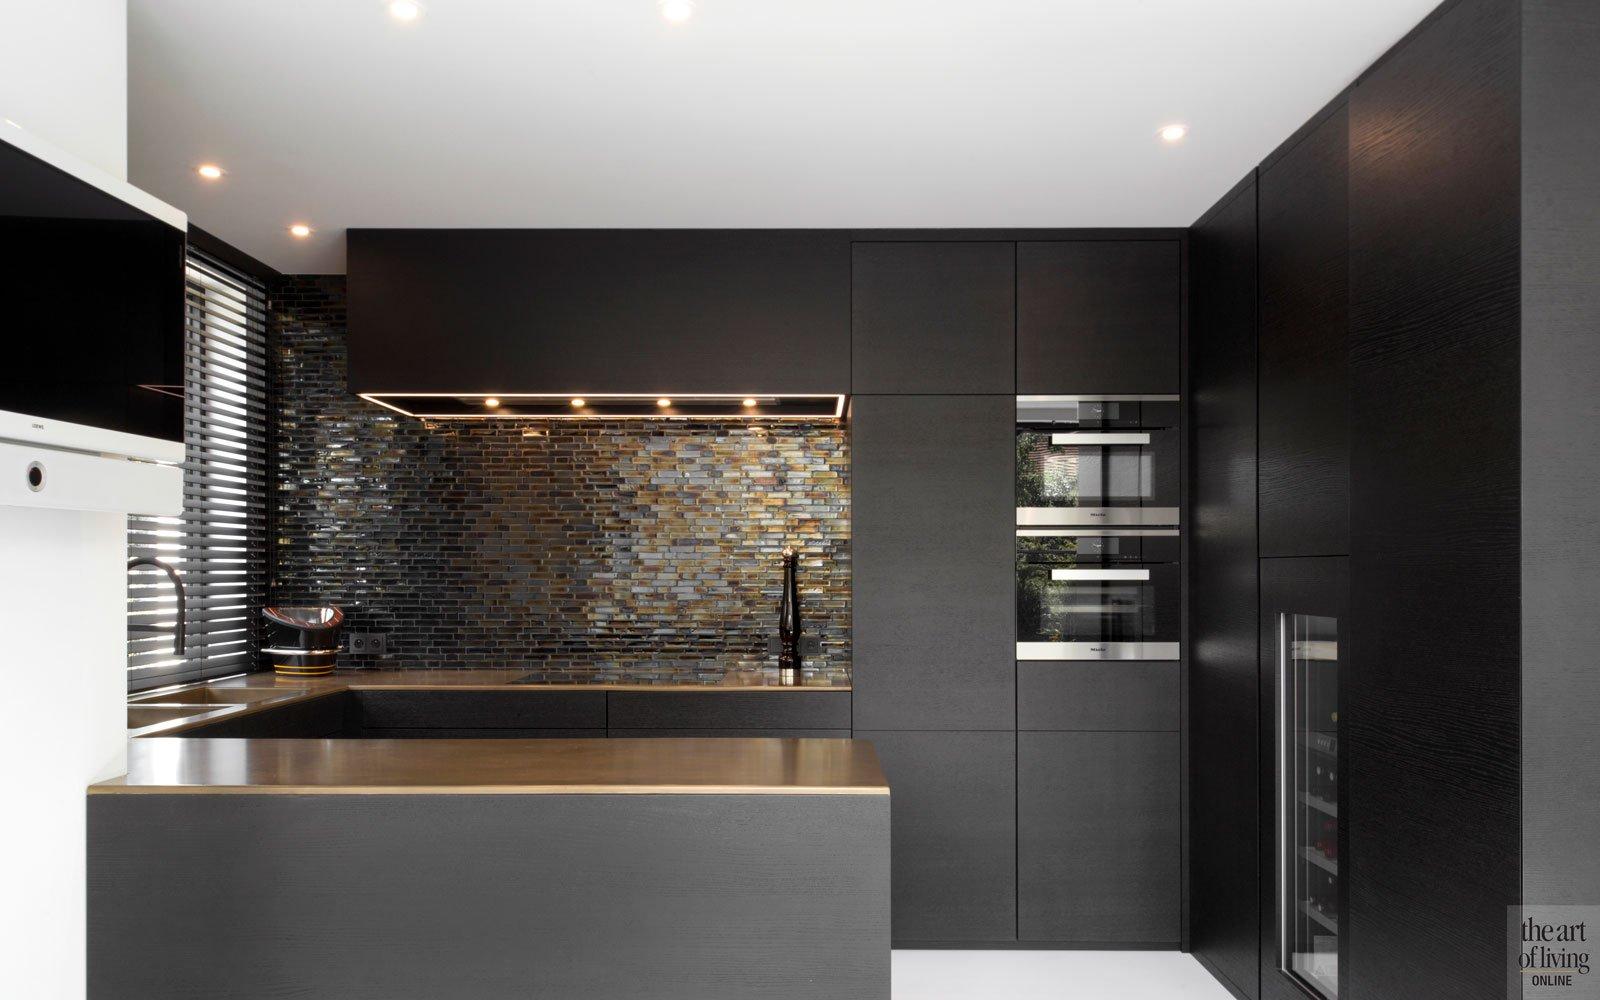 Maatwerk keuken, werkblad staal, gelakt met brons en messing, blauwkoper Murano glastegels, ruime villa, HC Demyttenaere